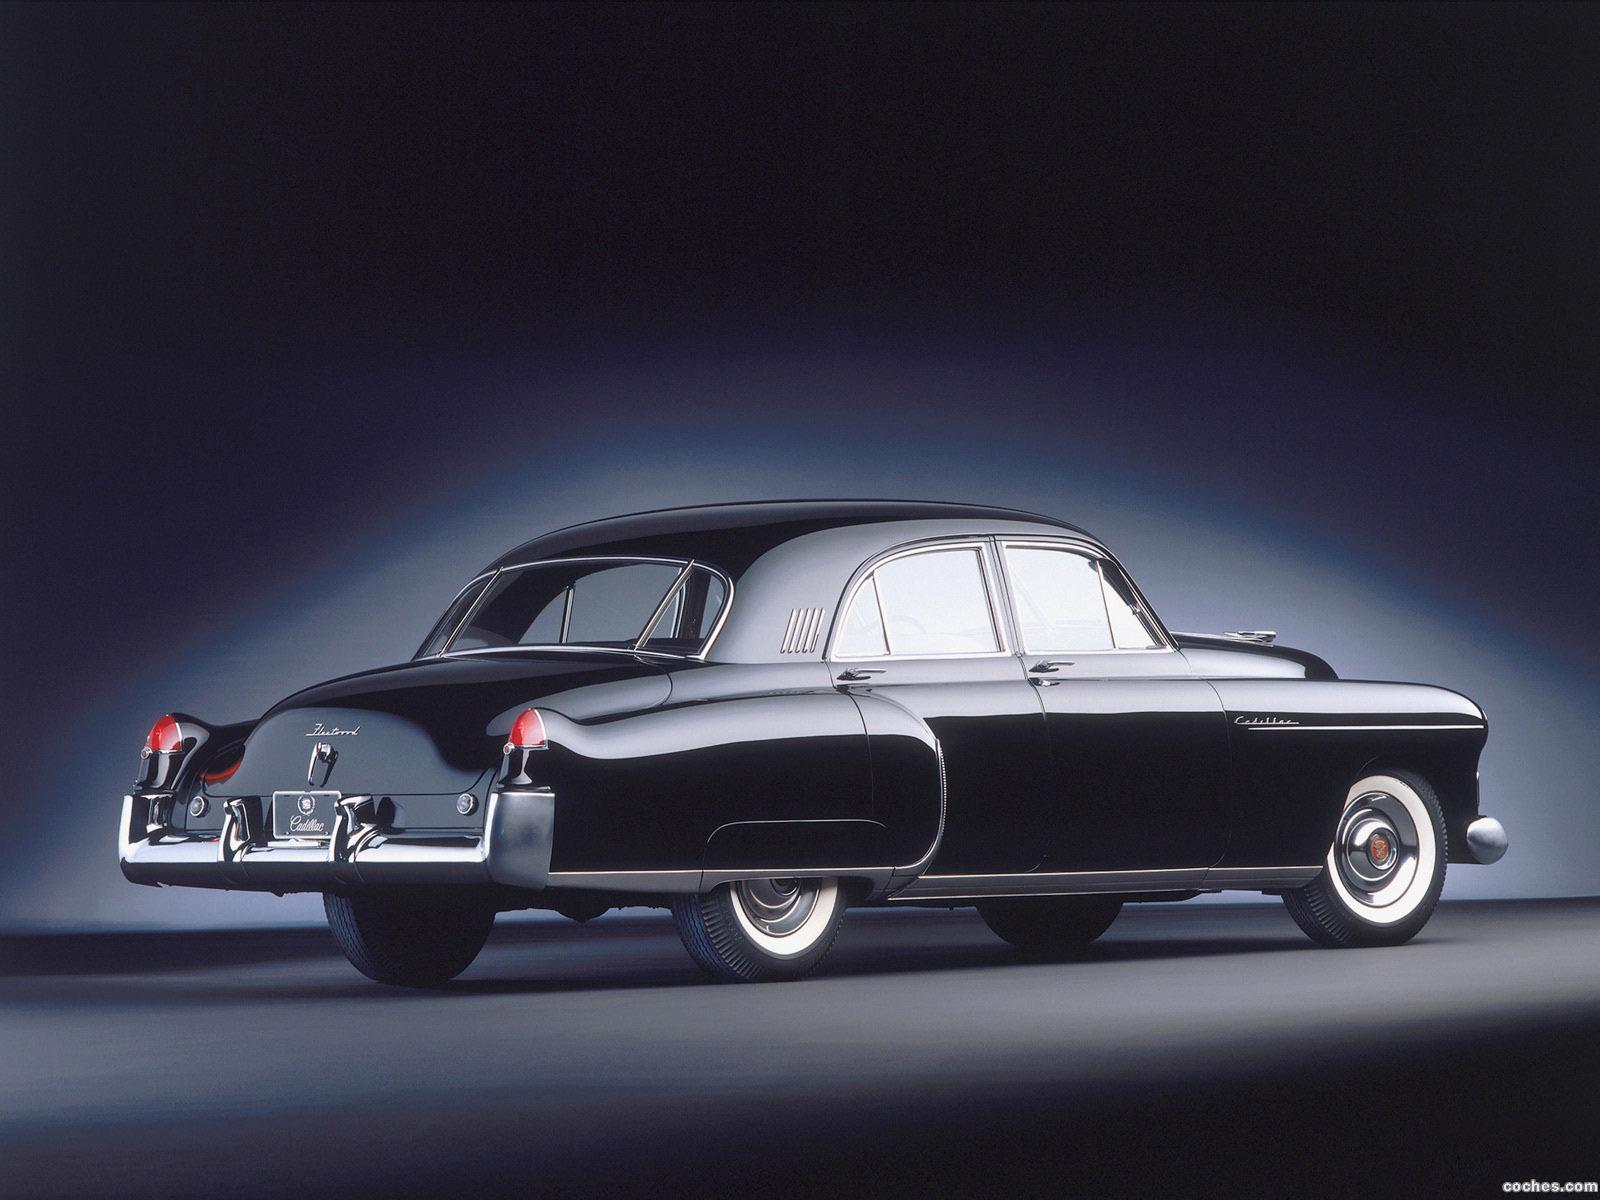 Foto 0 de Cadillac Fleetwood Sixty Special 1954